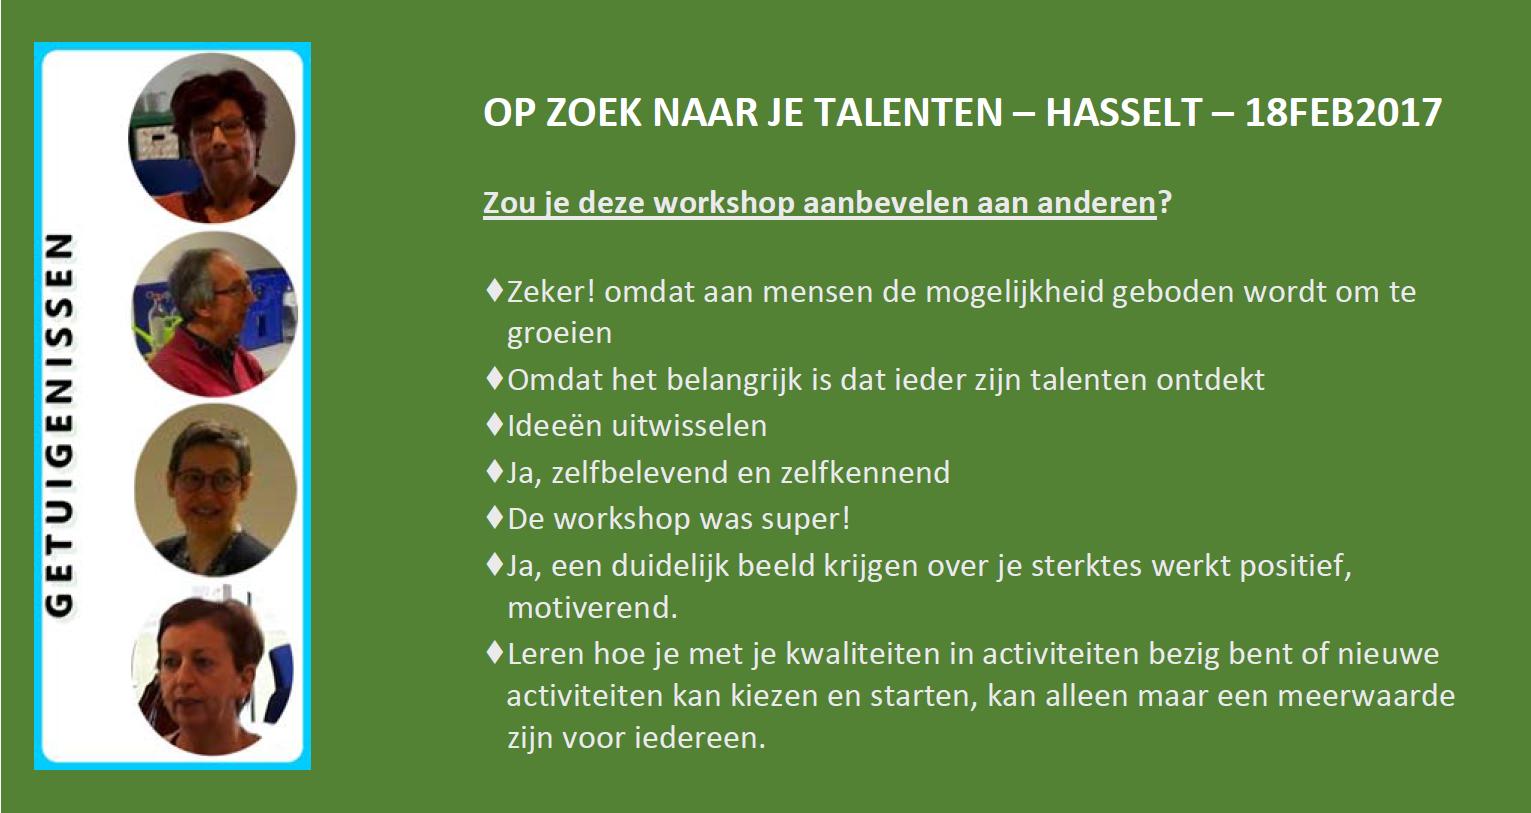 Evaluatie workshop OP ZOEK NAAR JE TALENTEN   Hasselt